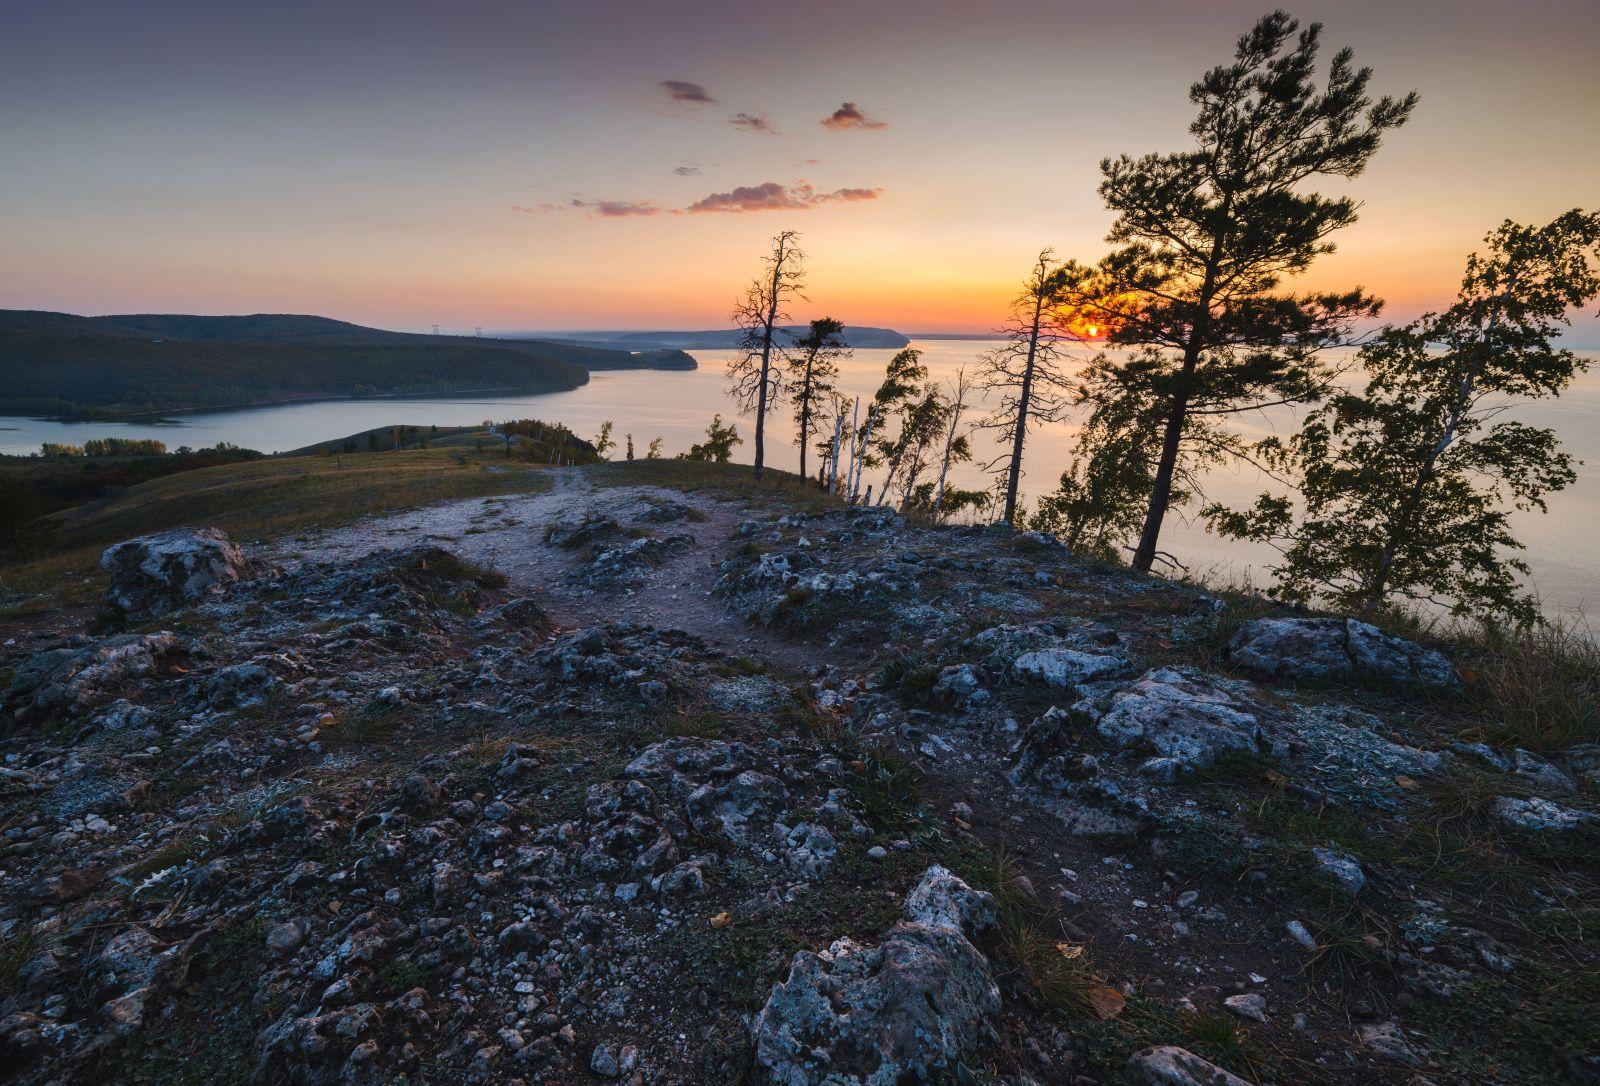 Каменное плато пейзаж закат солнце скалы деревья жигули